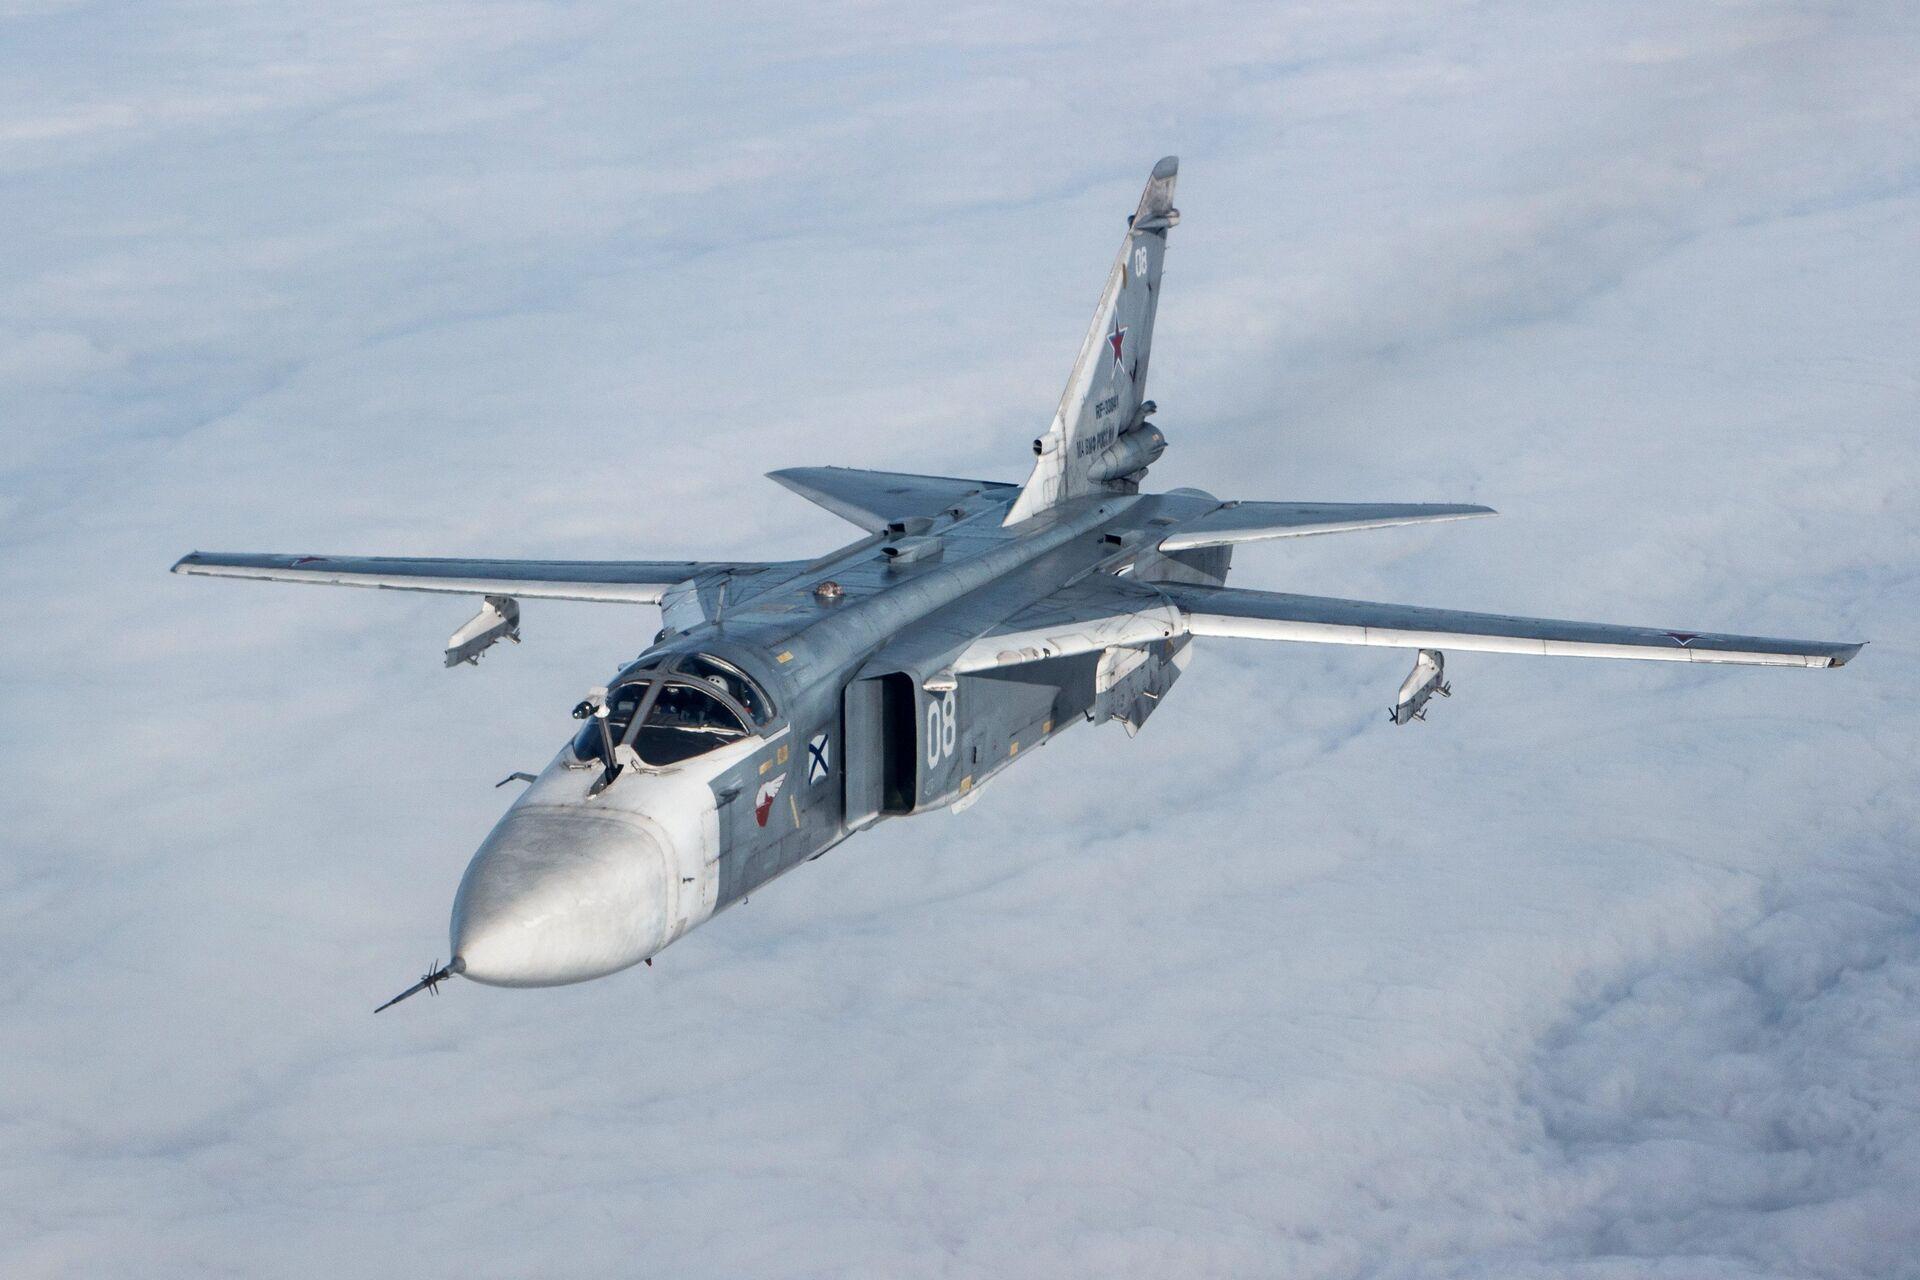 Тактический фронтовой бомбардировщик Су-24М во время лётно-тактических учений - РИА Новости, 1920, 23.06.2021